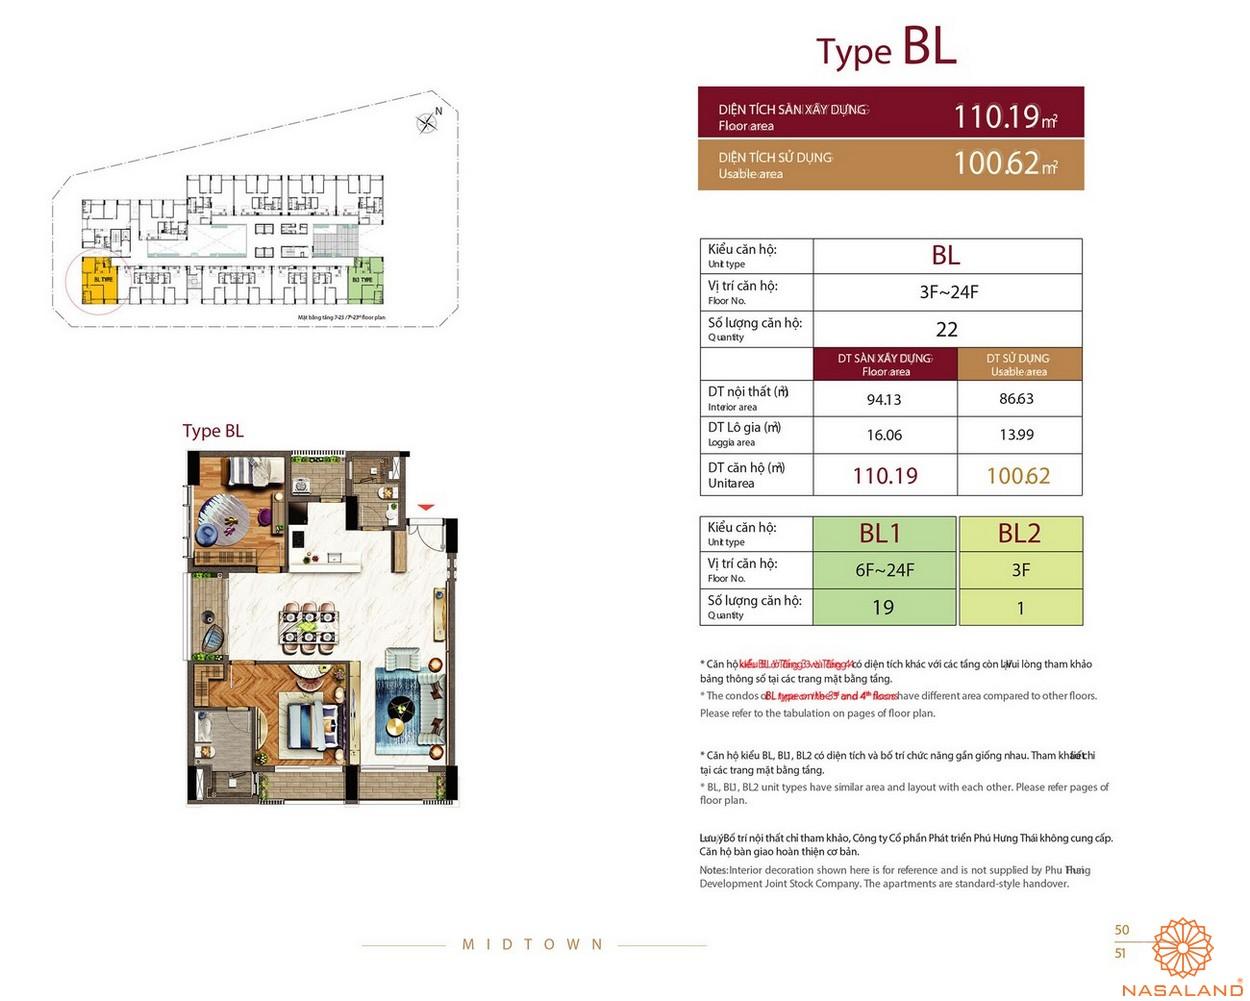 Thiết kế căn hộ Type BL dự án The Grande Midtown quận 7